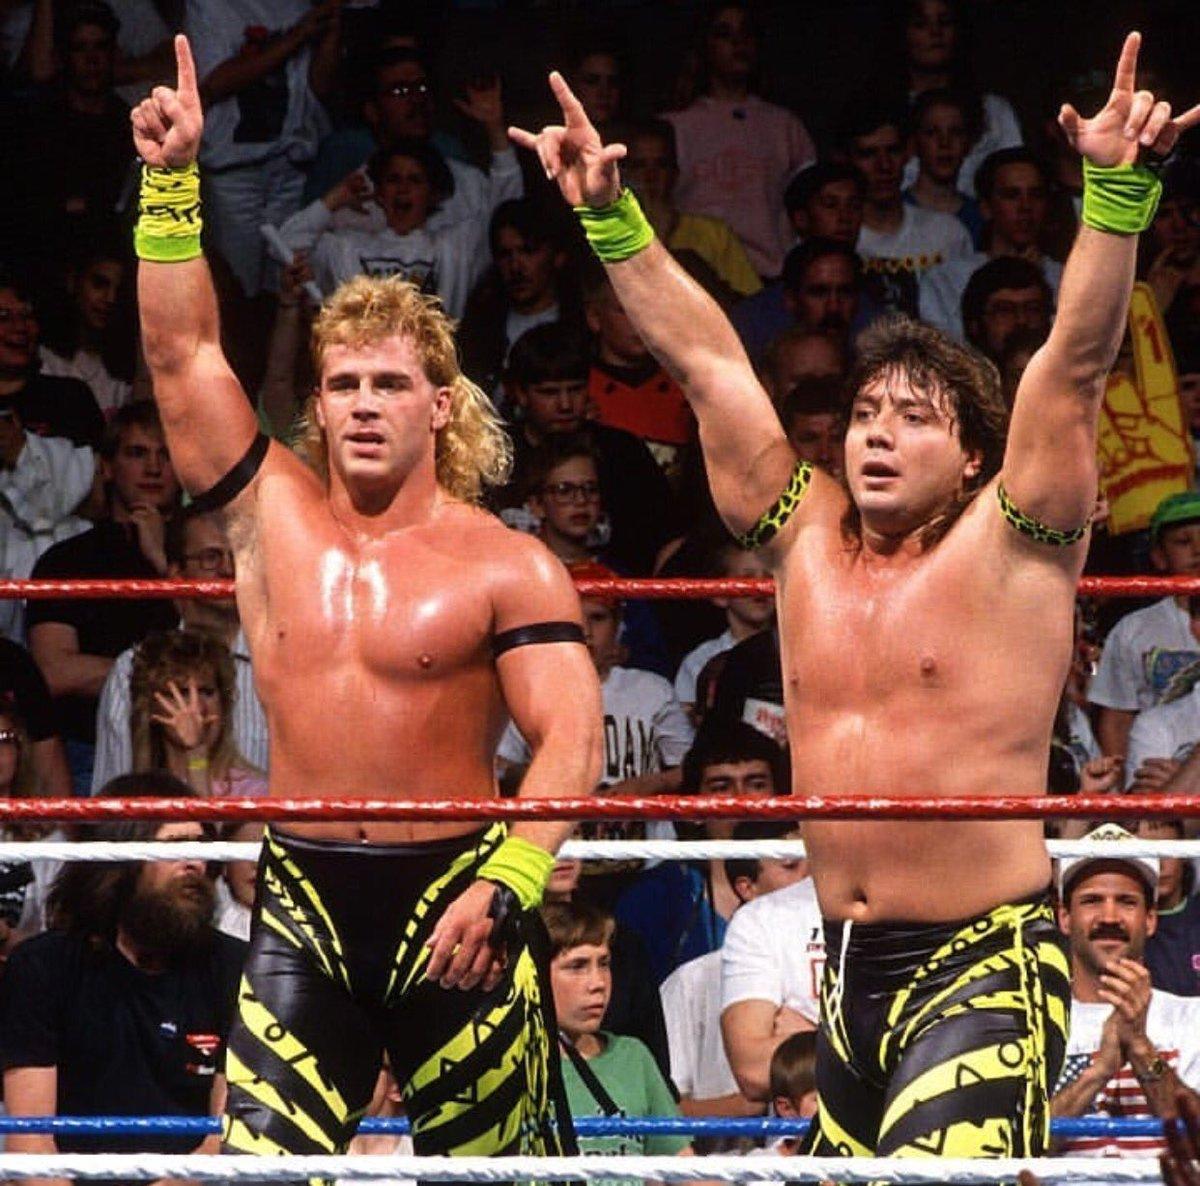 80's Wrestling on Twitter: